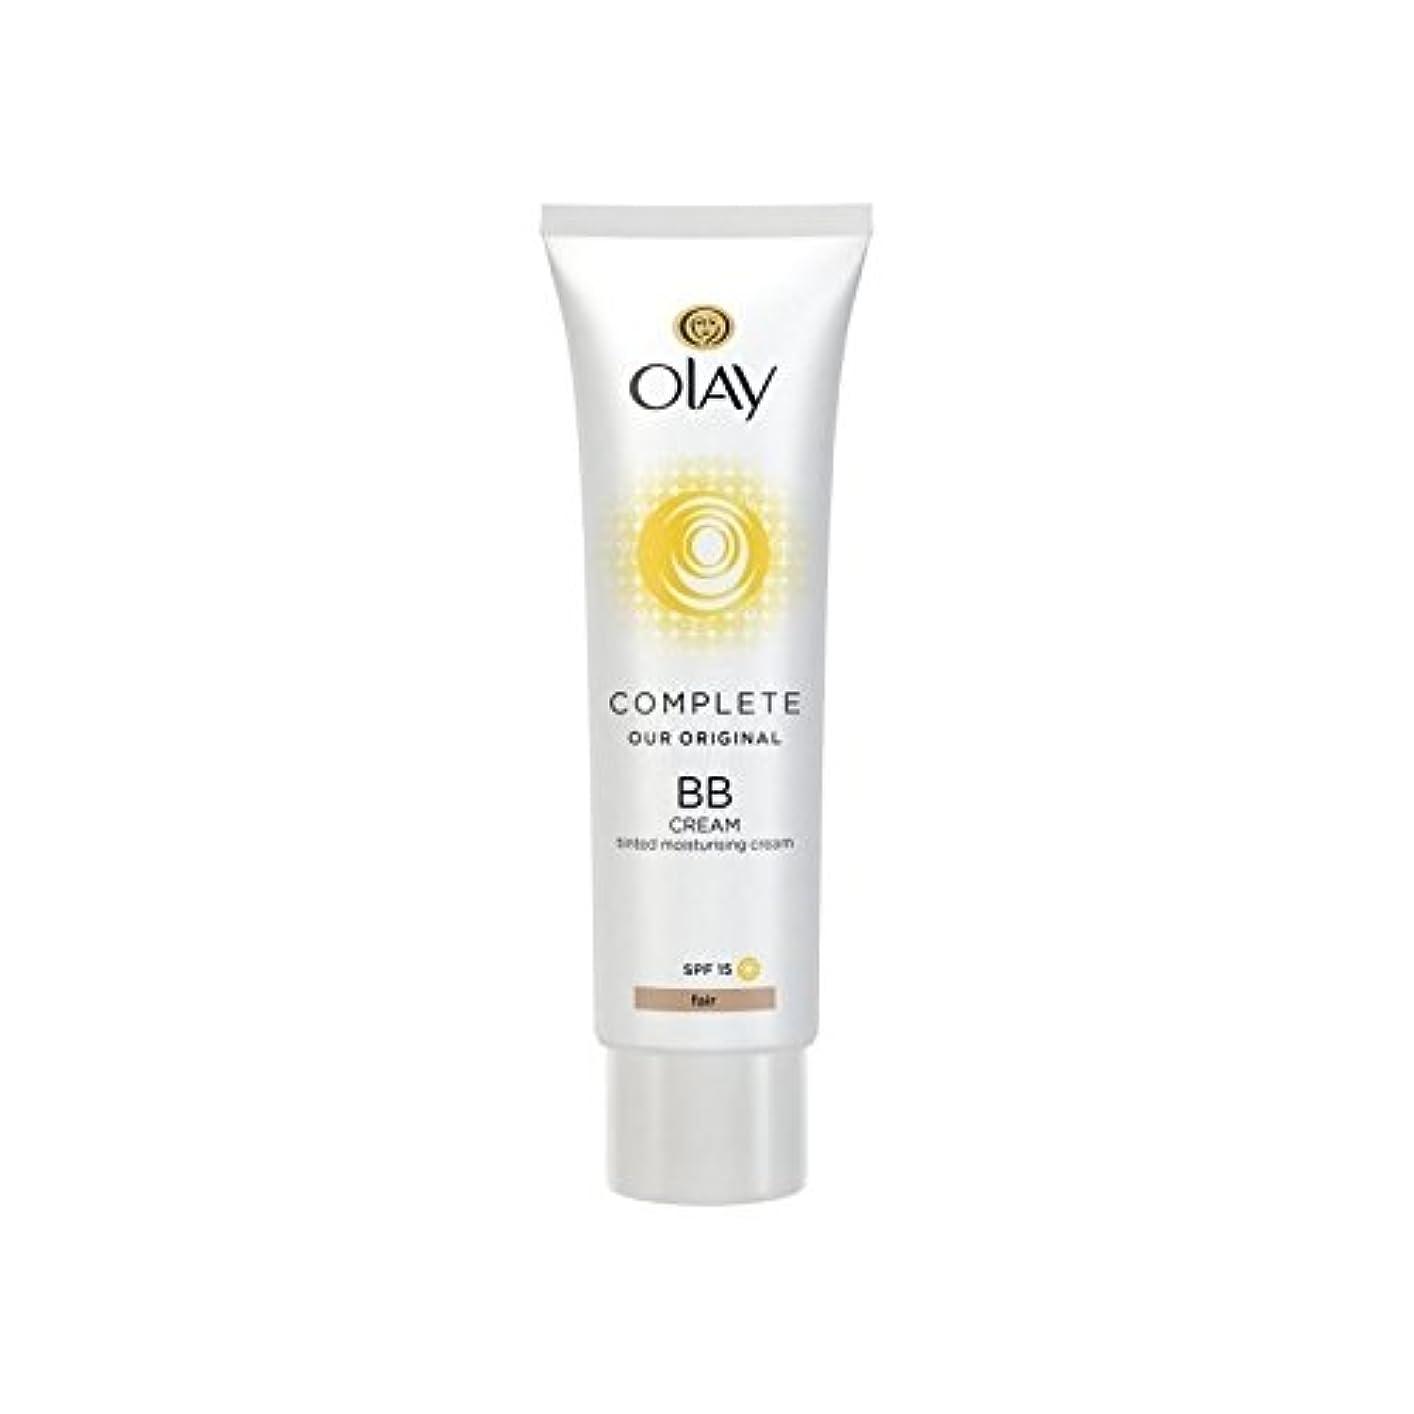 適切な種をまく風刺オーレイ完全なクリーム15フェアの50ミリリットル x2 - Olay Complete BB Cream Fair SPF15 50ml (Pack of 2) [並行輸入品]